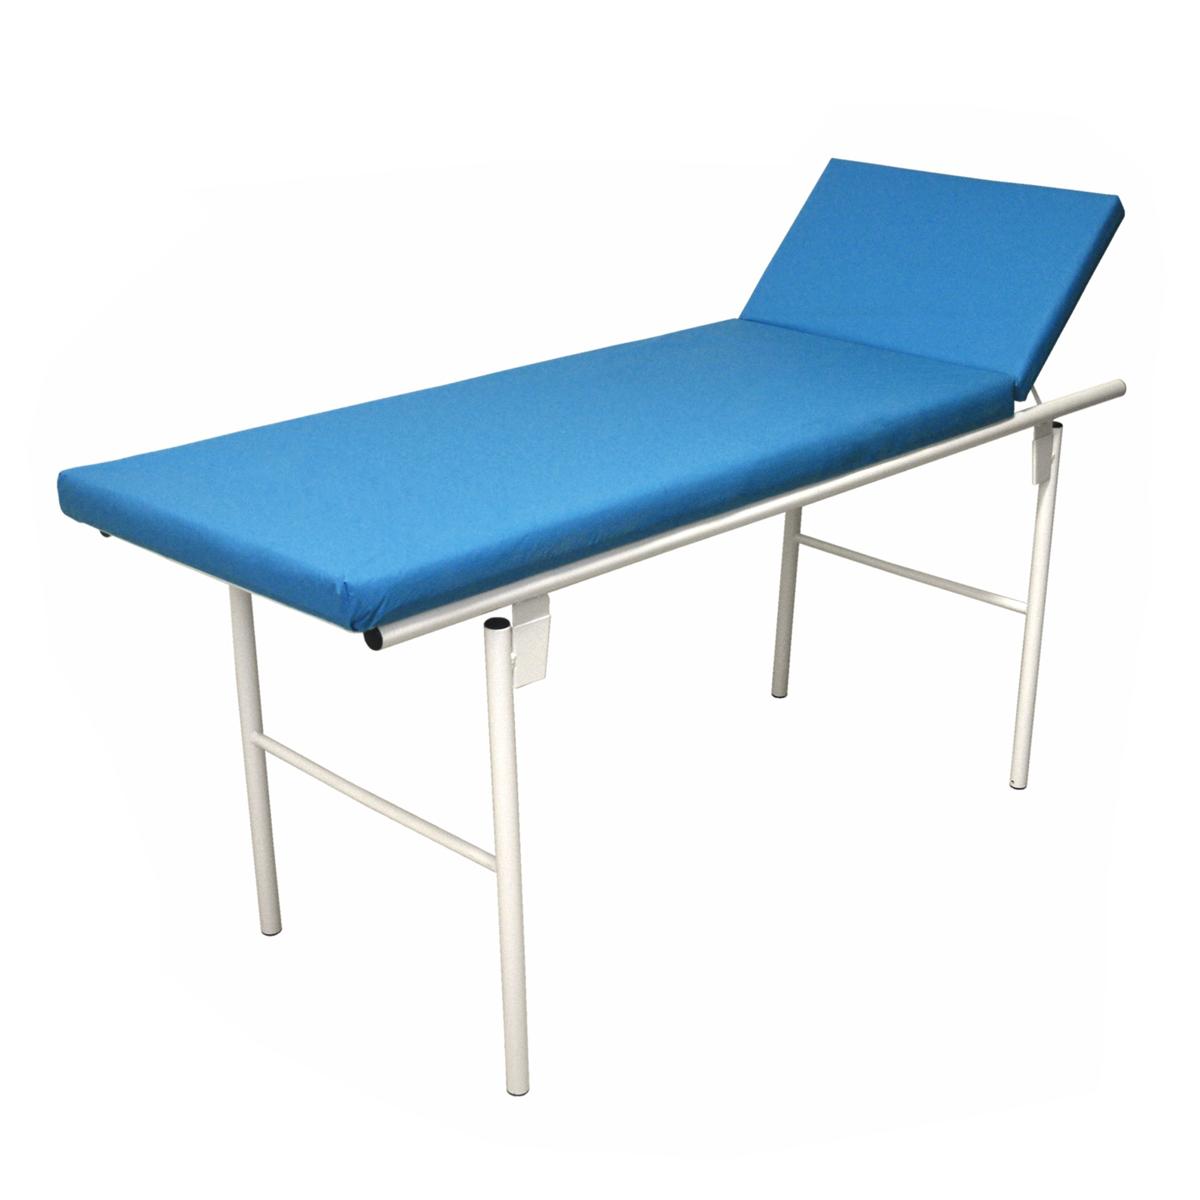 Maca De Massagem Fixa Com Altura Fixa, Pés Desmontáveis E Cabeceira Regulável Para Fisioterapia E Estética - Shopfisio